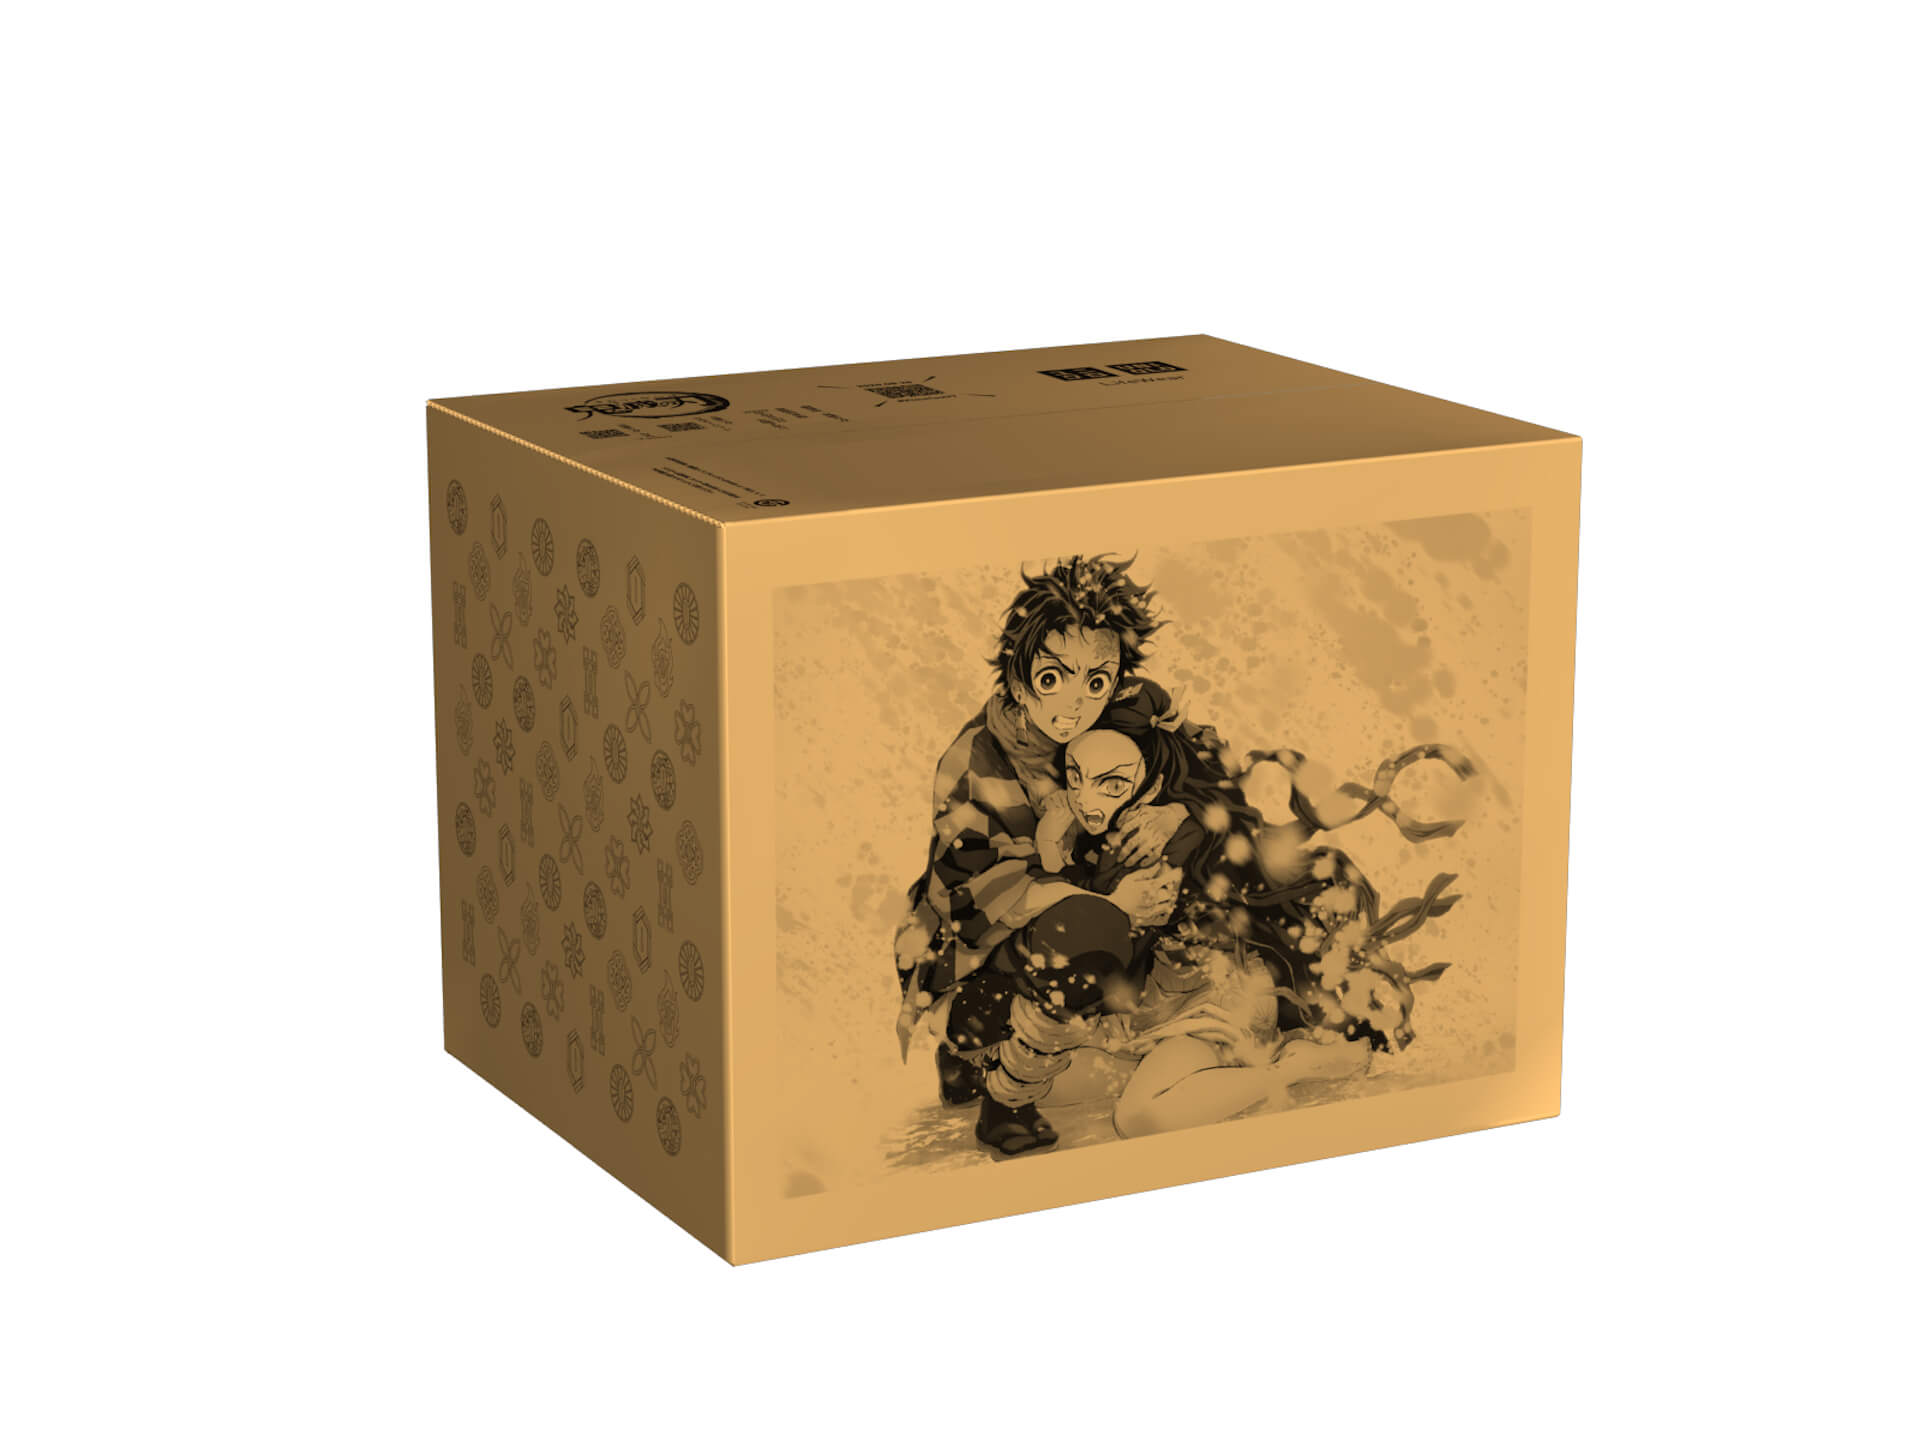 『鬼滅の刃』とユニクロ「UT」コラボ第2弾のコレクションがついに発表!着物や鍔をイメージしたバッグ&タオルも登場 life200817_kimetsu_ut_29